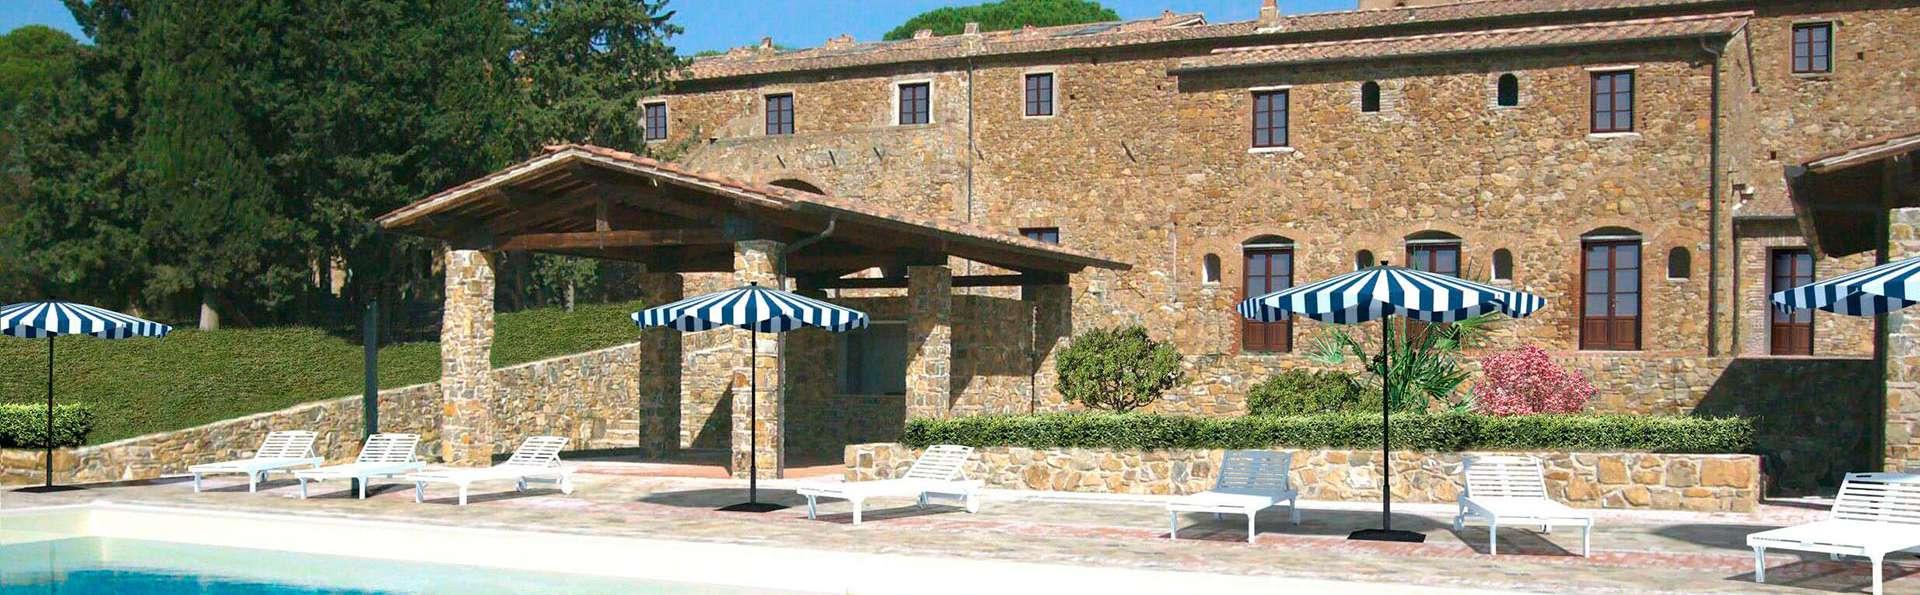 Antico Borgo Casalappi - edit_front9.jpg